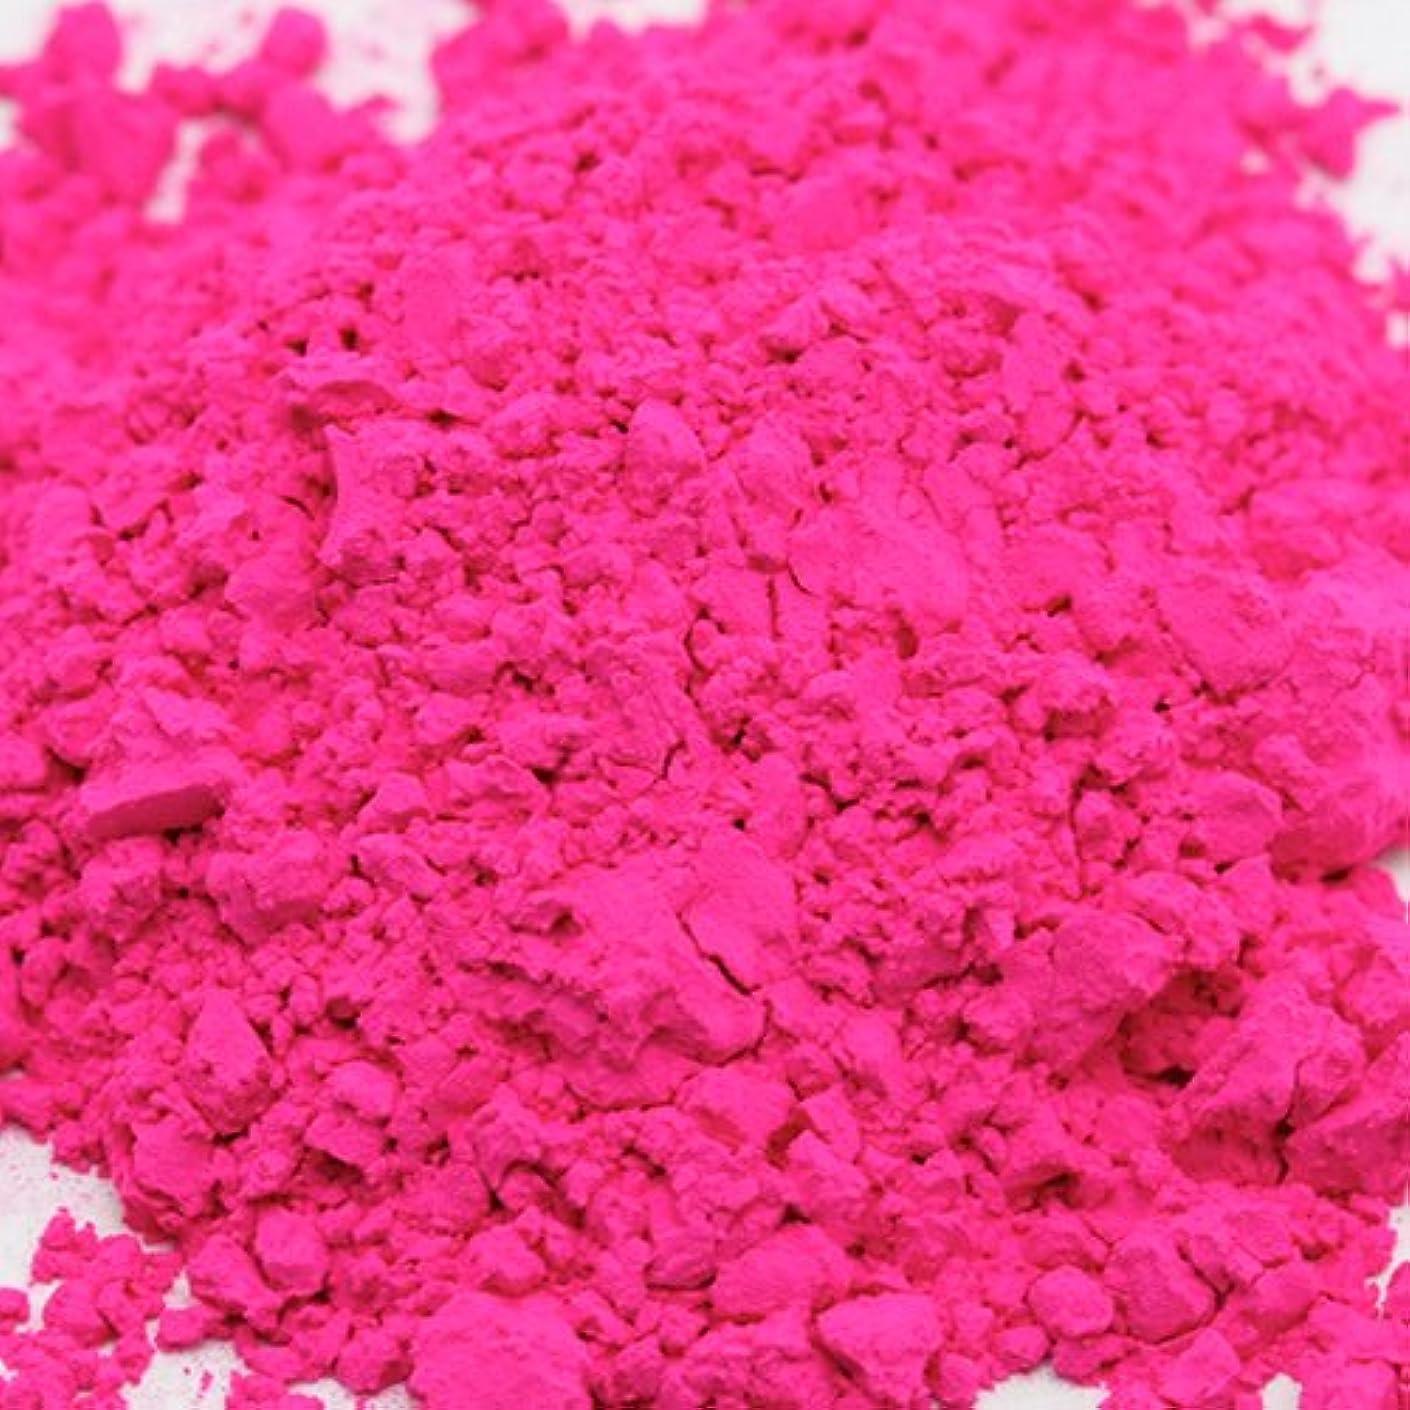 ピニオン存在れんがキャンディカラー ピンク 5g 【手作り石鹸/手作りコスメ/色付け/カラーラント】